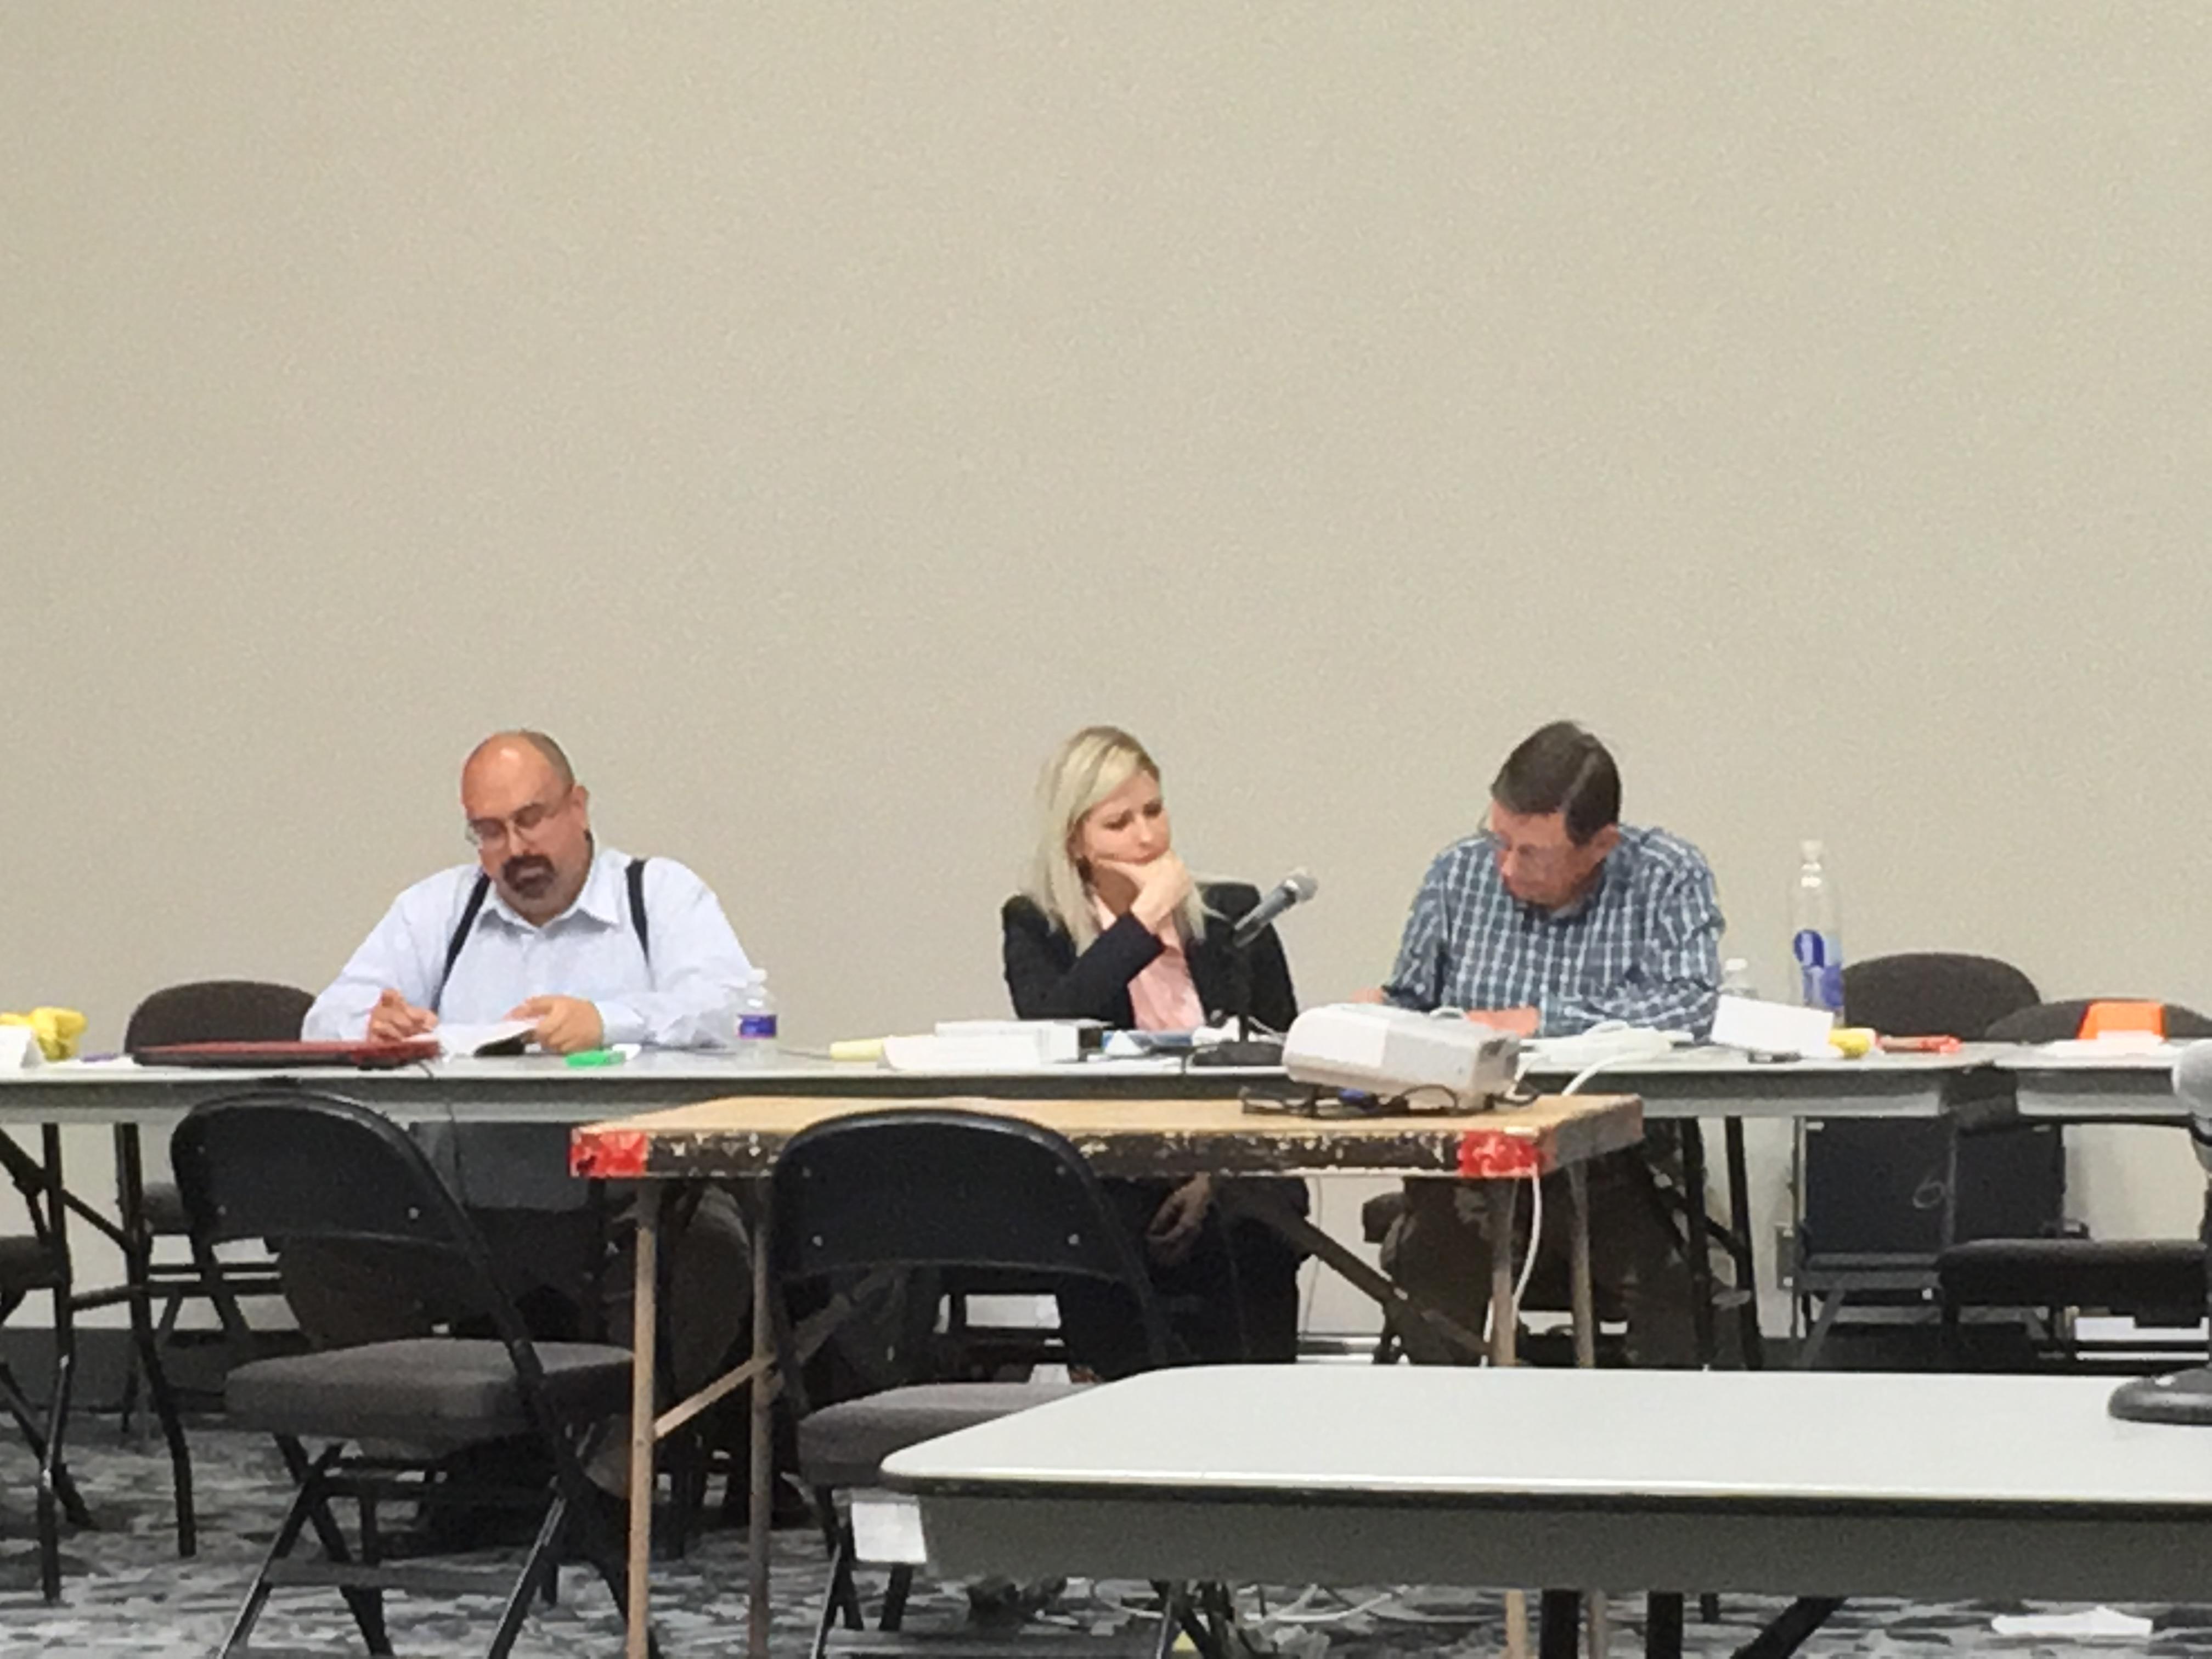 The_Legislative_Priority_Committee_-_One_Parlimentarian_(left)__two_committee_members.JPG